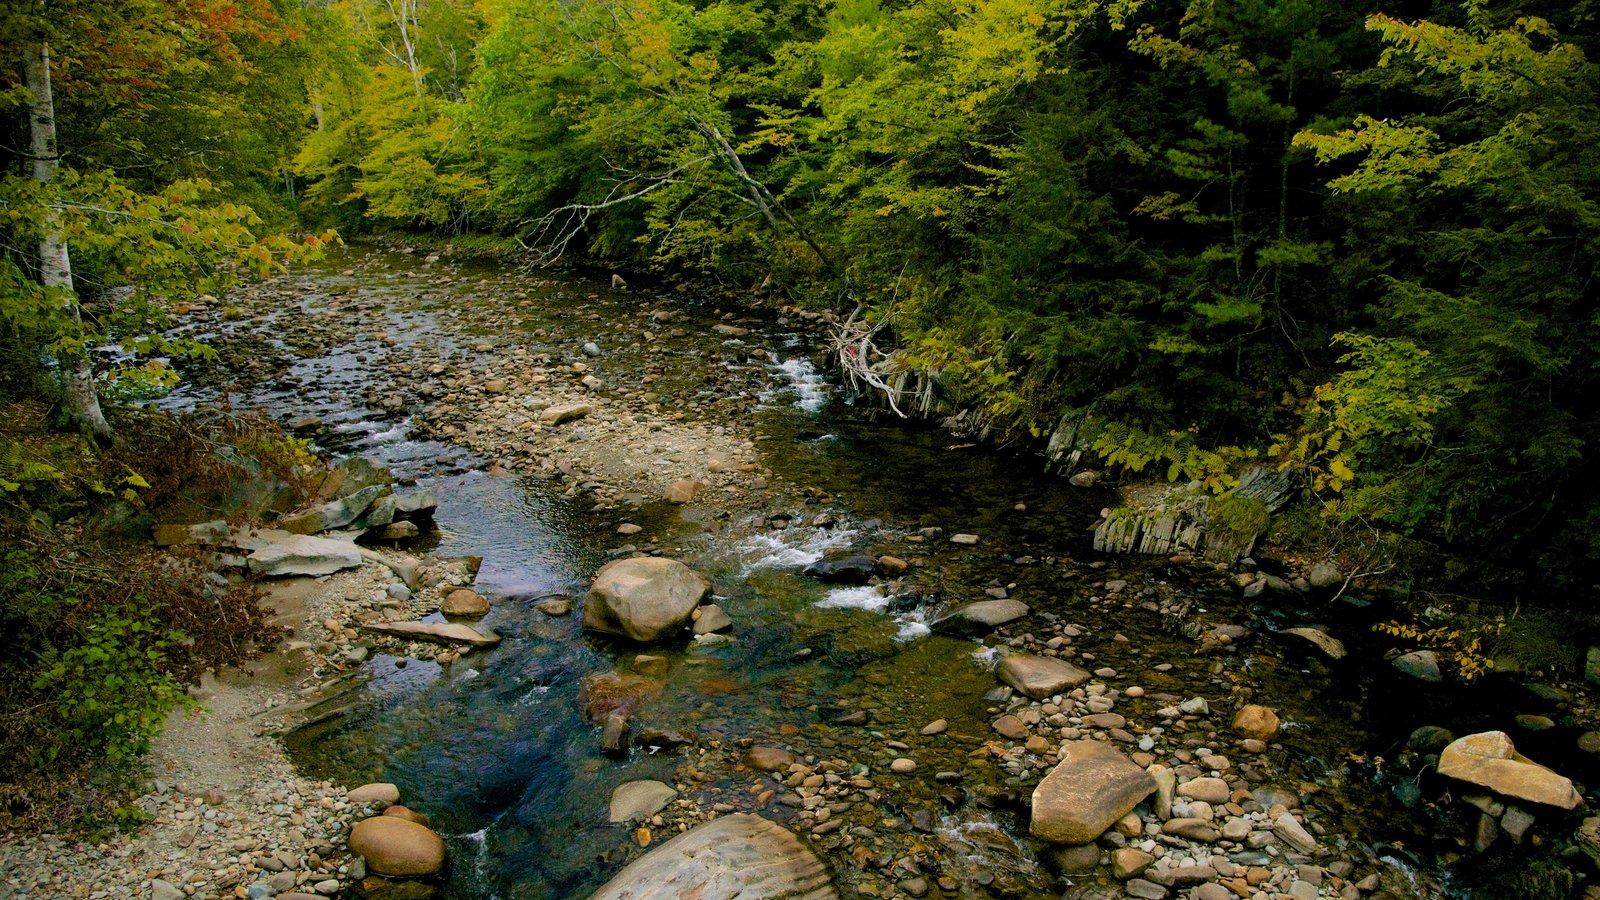 Maine que incluye bosques y un río o arroyo